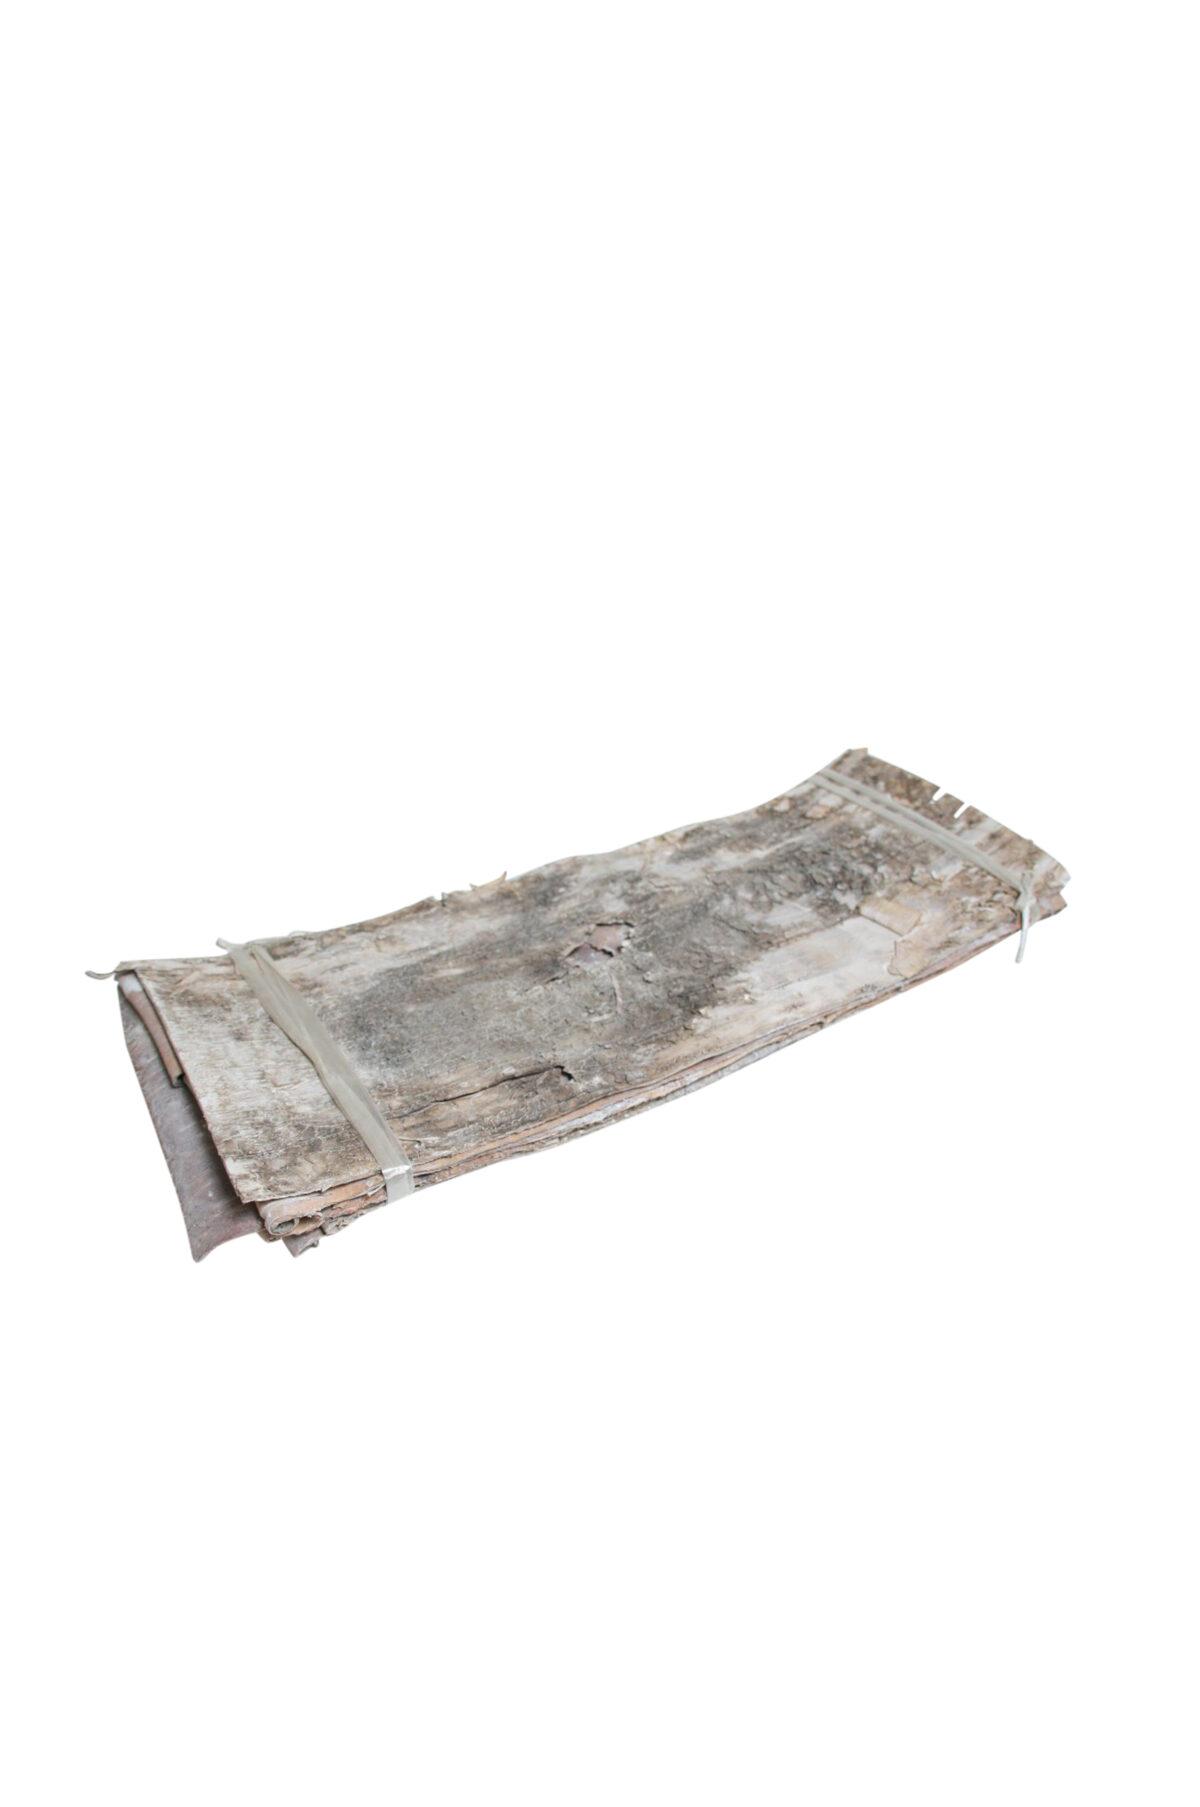 Set 5 fogli di corteccia di betulla naturale, secca, stabilizzata e sbiancata lungh. 70 larg. 24 cm